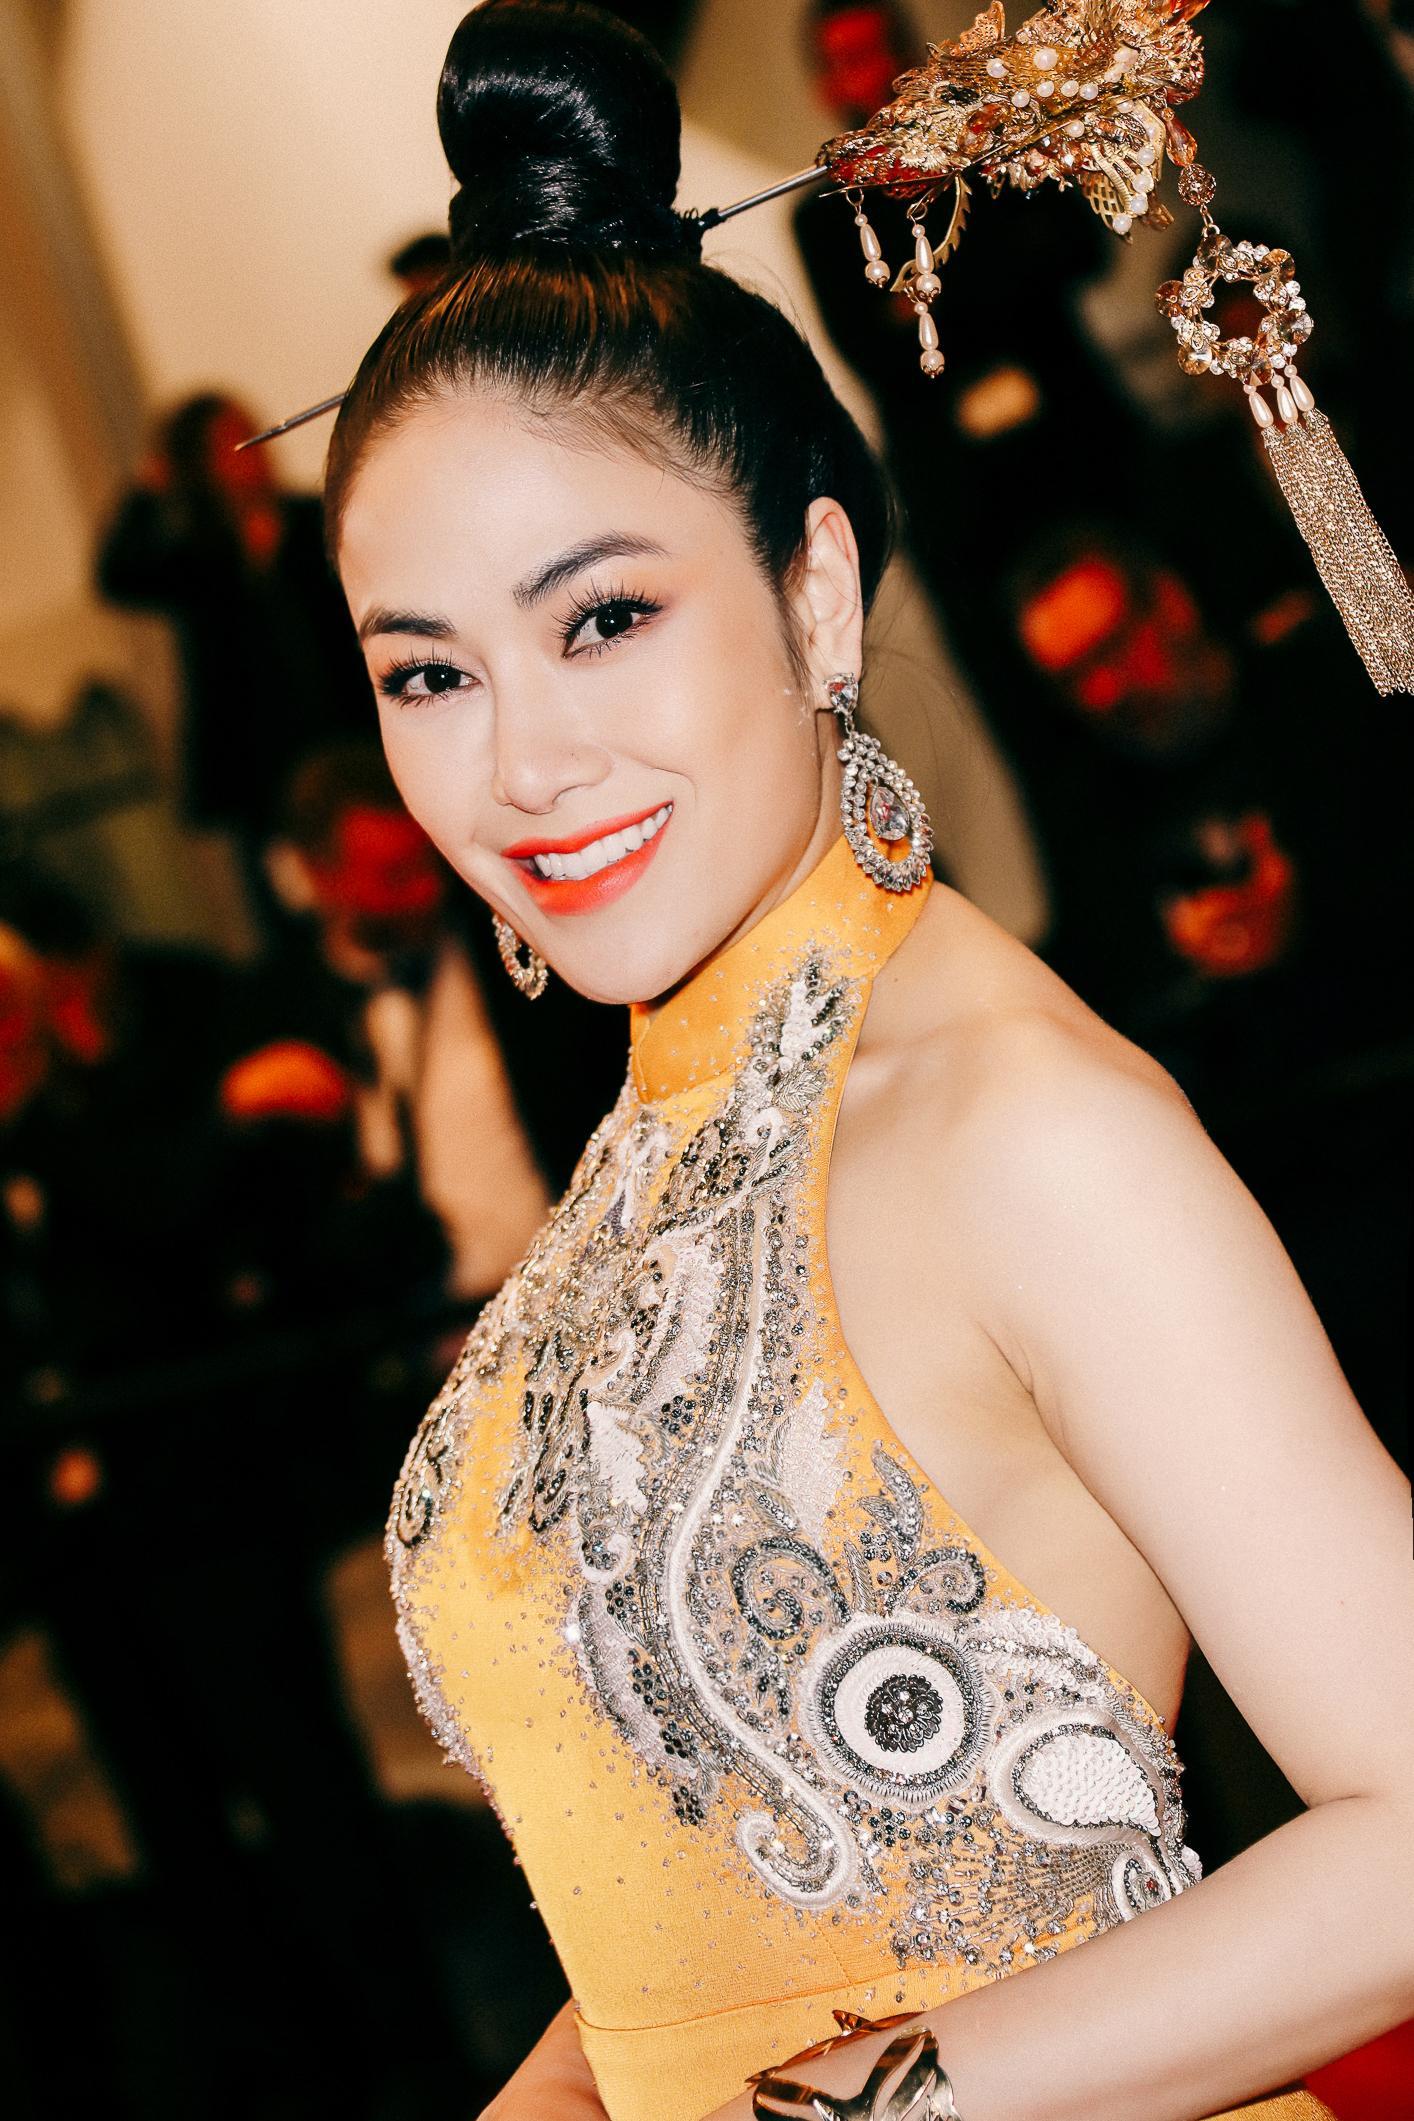 Sau Ngọc Trinh, thêm một người đẹp Việt 'náo loạn' thảm đỏ Cannes 2019 Ảnh 4